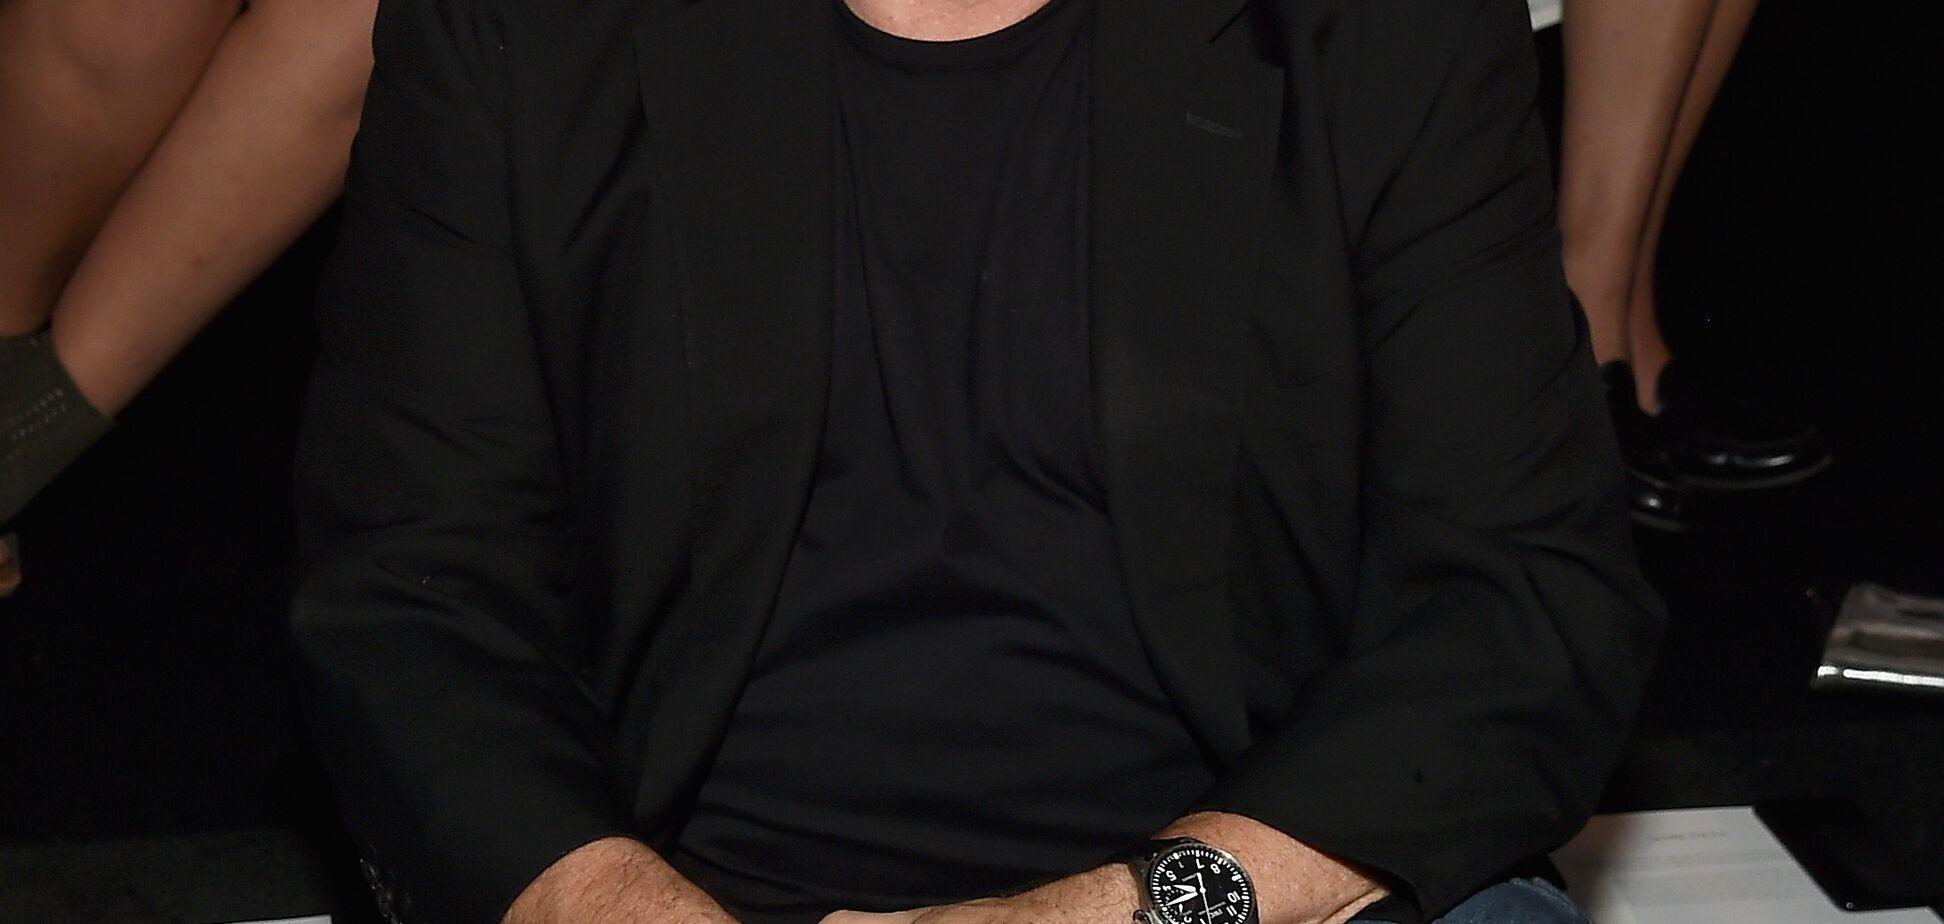 После ареста: Харви Вайнштейн 'отделался' залогом в миллион долларов